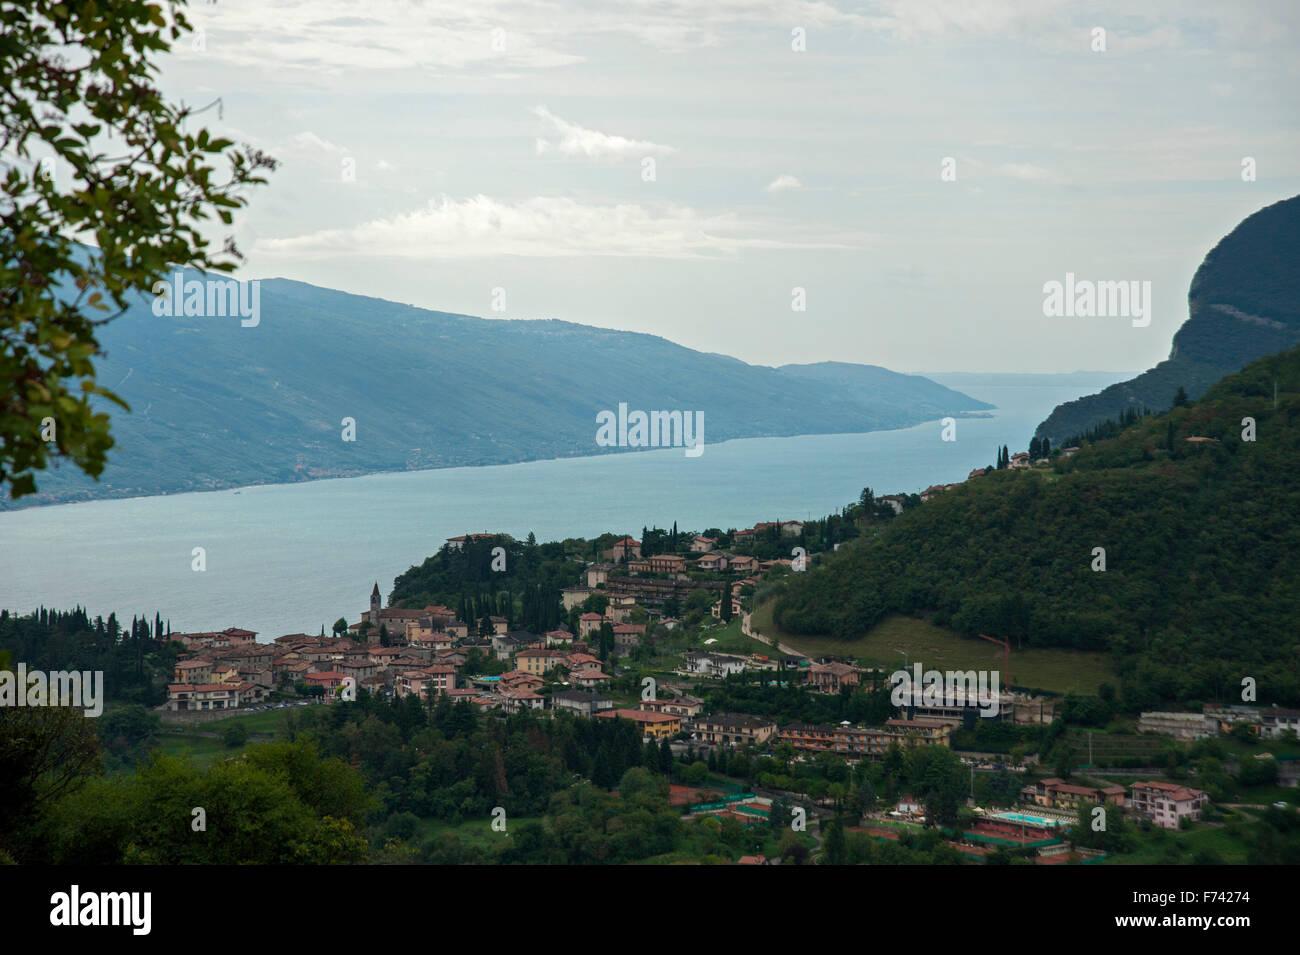 Lago di Garda, vue de l'ouest vers le sud-est du village de Pieve et Monte Baldo- Italie Banque D'Images